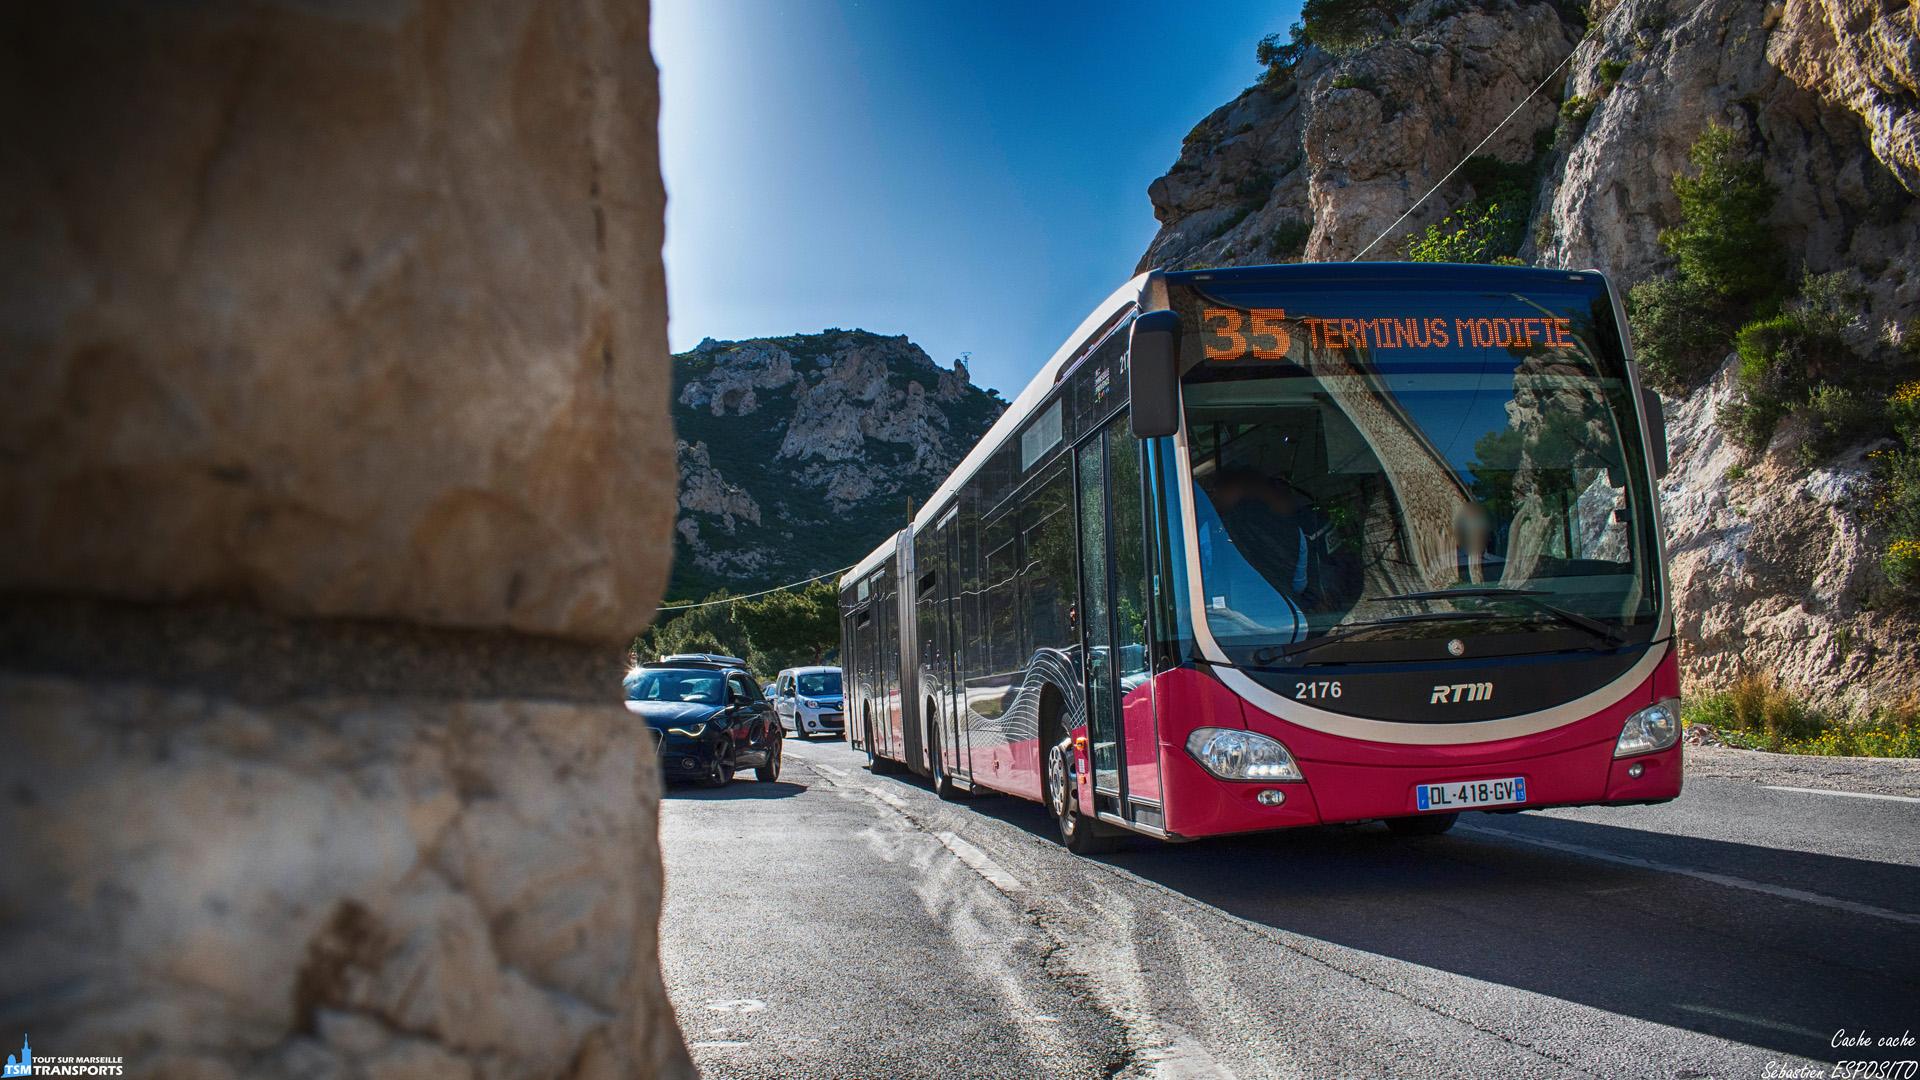 Le samedi, certains services de la ligne 35 deviennent des services de la 35S qui est un déplacement du terminus de la 35 aux plages de Corbière. . C'est par un samedi très ensoleillé que ce Citaro articulé passe sous une des arches du Viaduc de Corbière en service partiel suite aux perturbations occasionnées par les gilets jaunes. . ℹ️ Mercedes Benz Citaro 2 G Euro 6 BHNS RTM n°2176. . 📍 Plage de l'Estaque, 16eme arrondissement de Marseille. . ↔️ 35S : Plage de Corbière - Joliette (terminus ramener à Métro Bougainville). . 📸 Nikon D5600. . 📷 Nikkor 18-55mm. . 📅 11 Mai 2019 à 18:03. . 👨 Sébastien ESPOSITO.